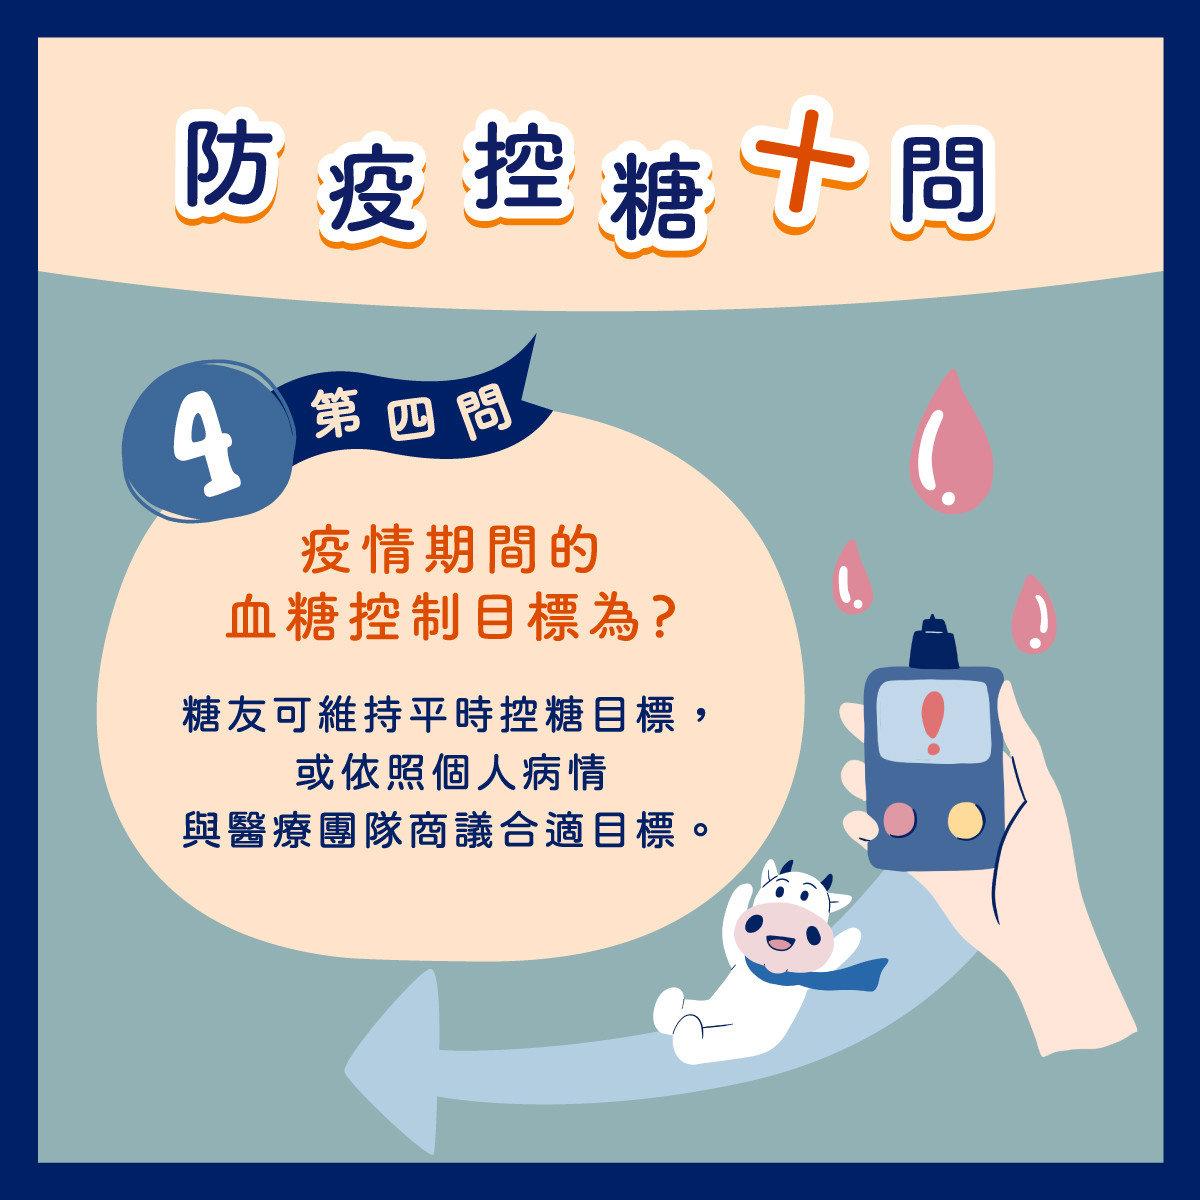 防疫控糖第四問-疫情間血糖控制的目標